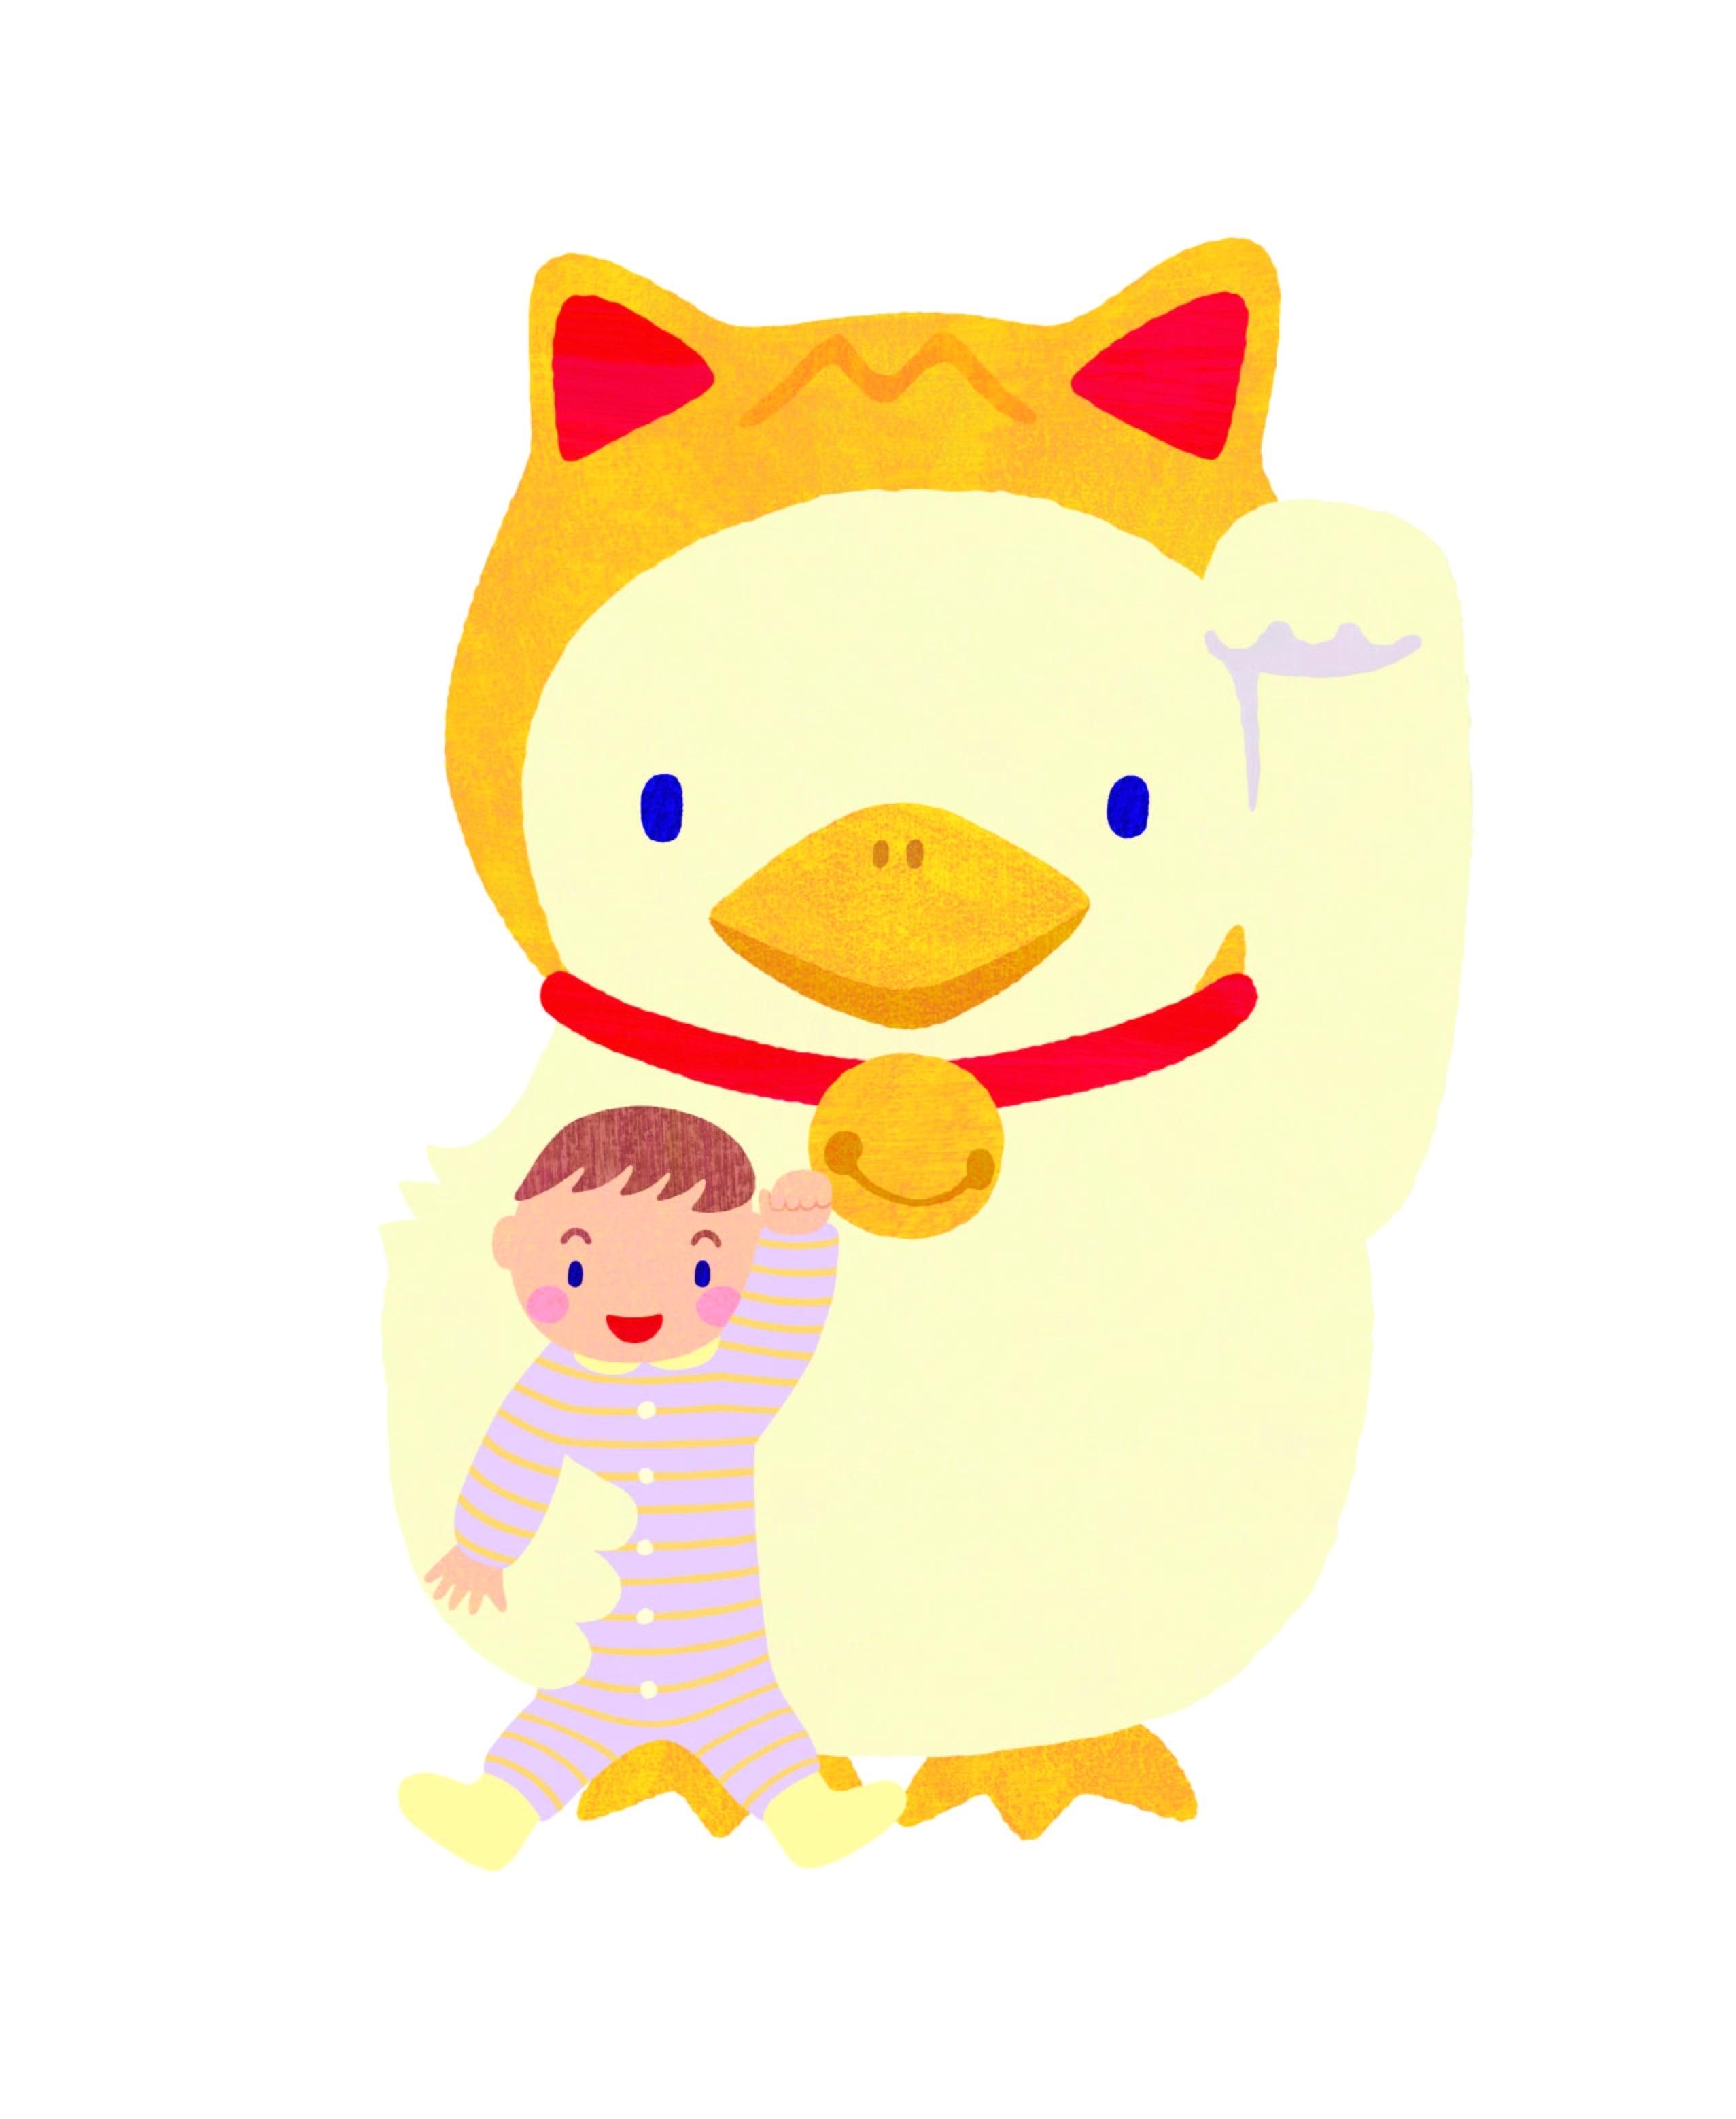 すべての講義 赤ちゃんプレゼントキャンペーン : ... プレゼントキャンペーンを開始